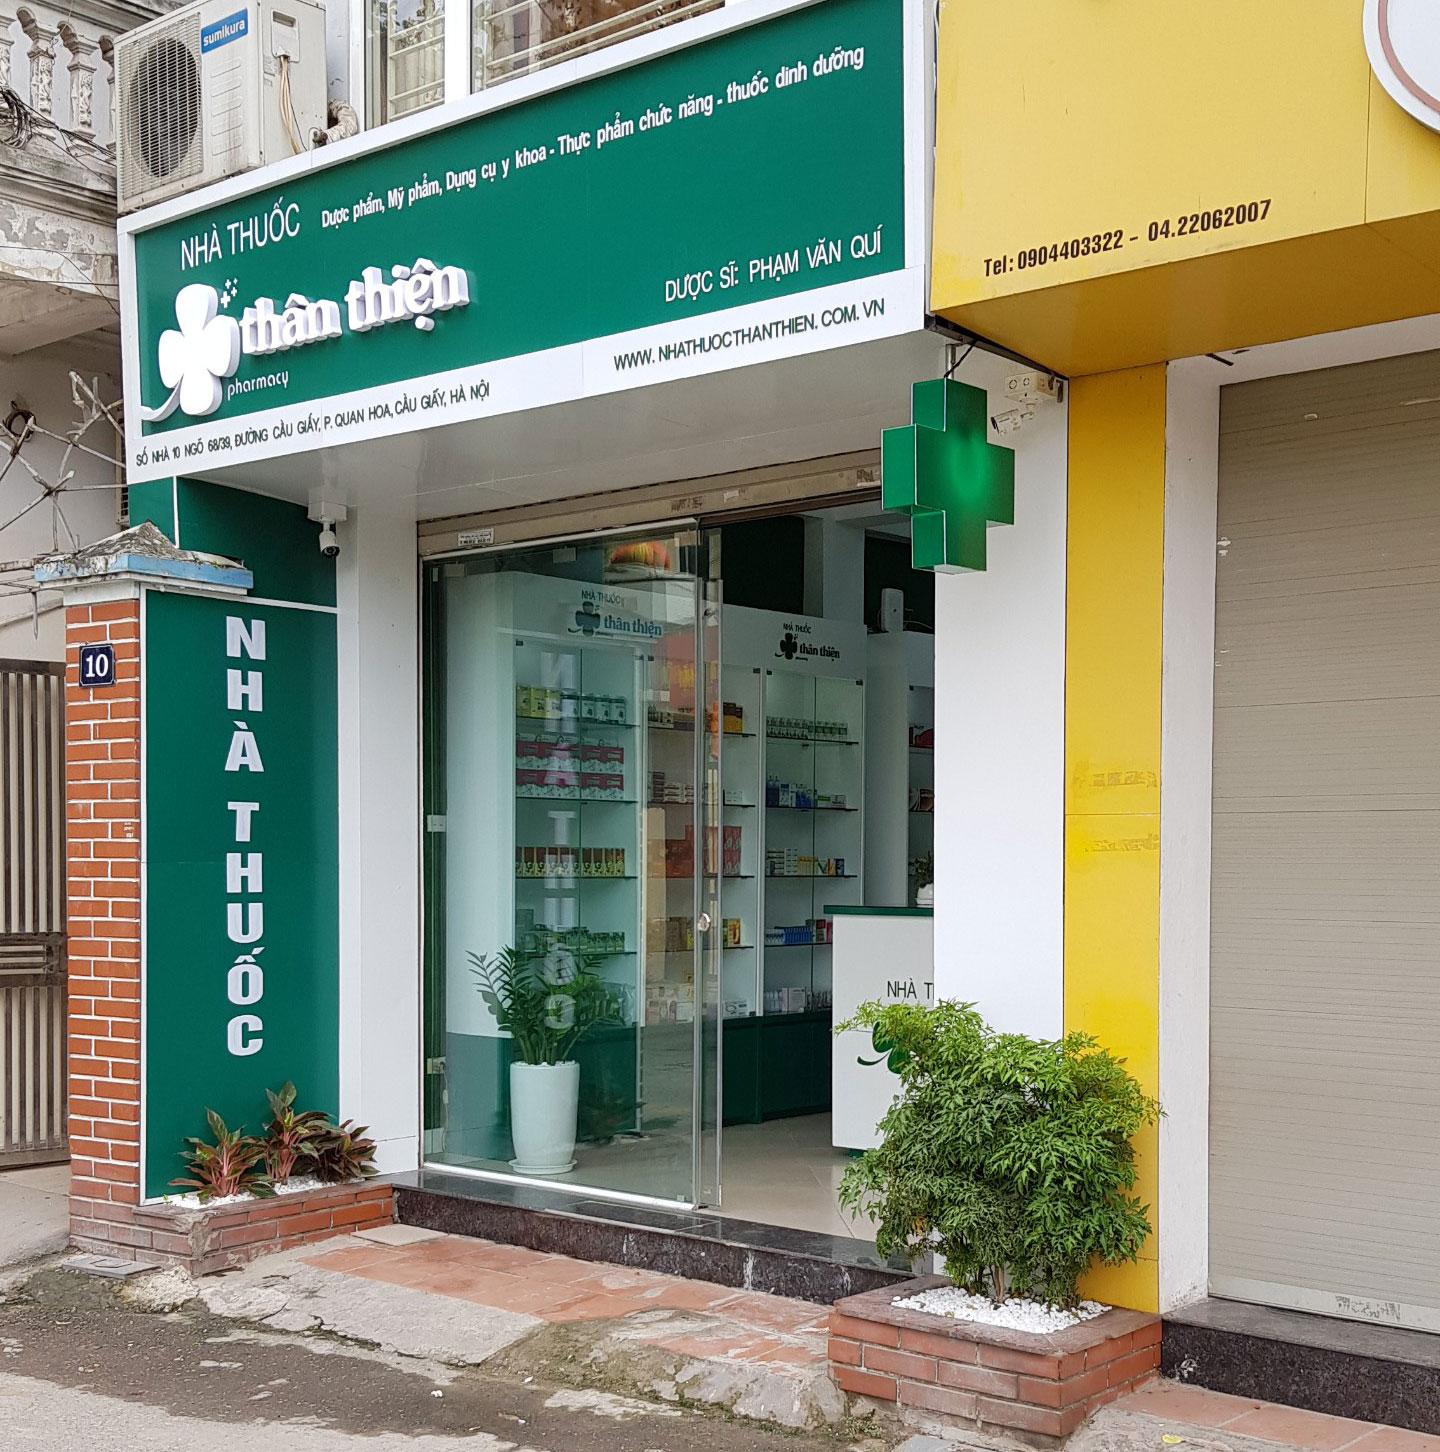 Nhà thuốc Thân Thiện - Nhà thuốc tốt tại Hà Nội